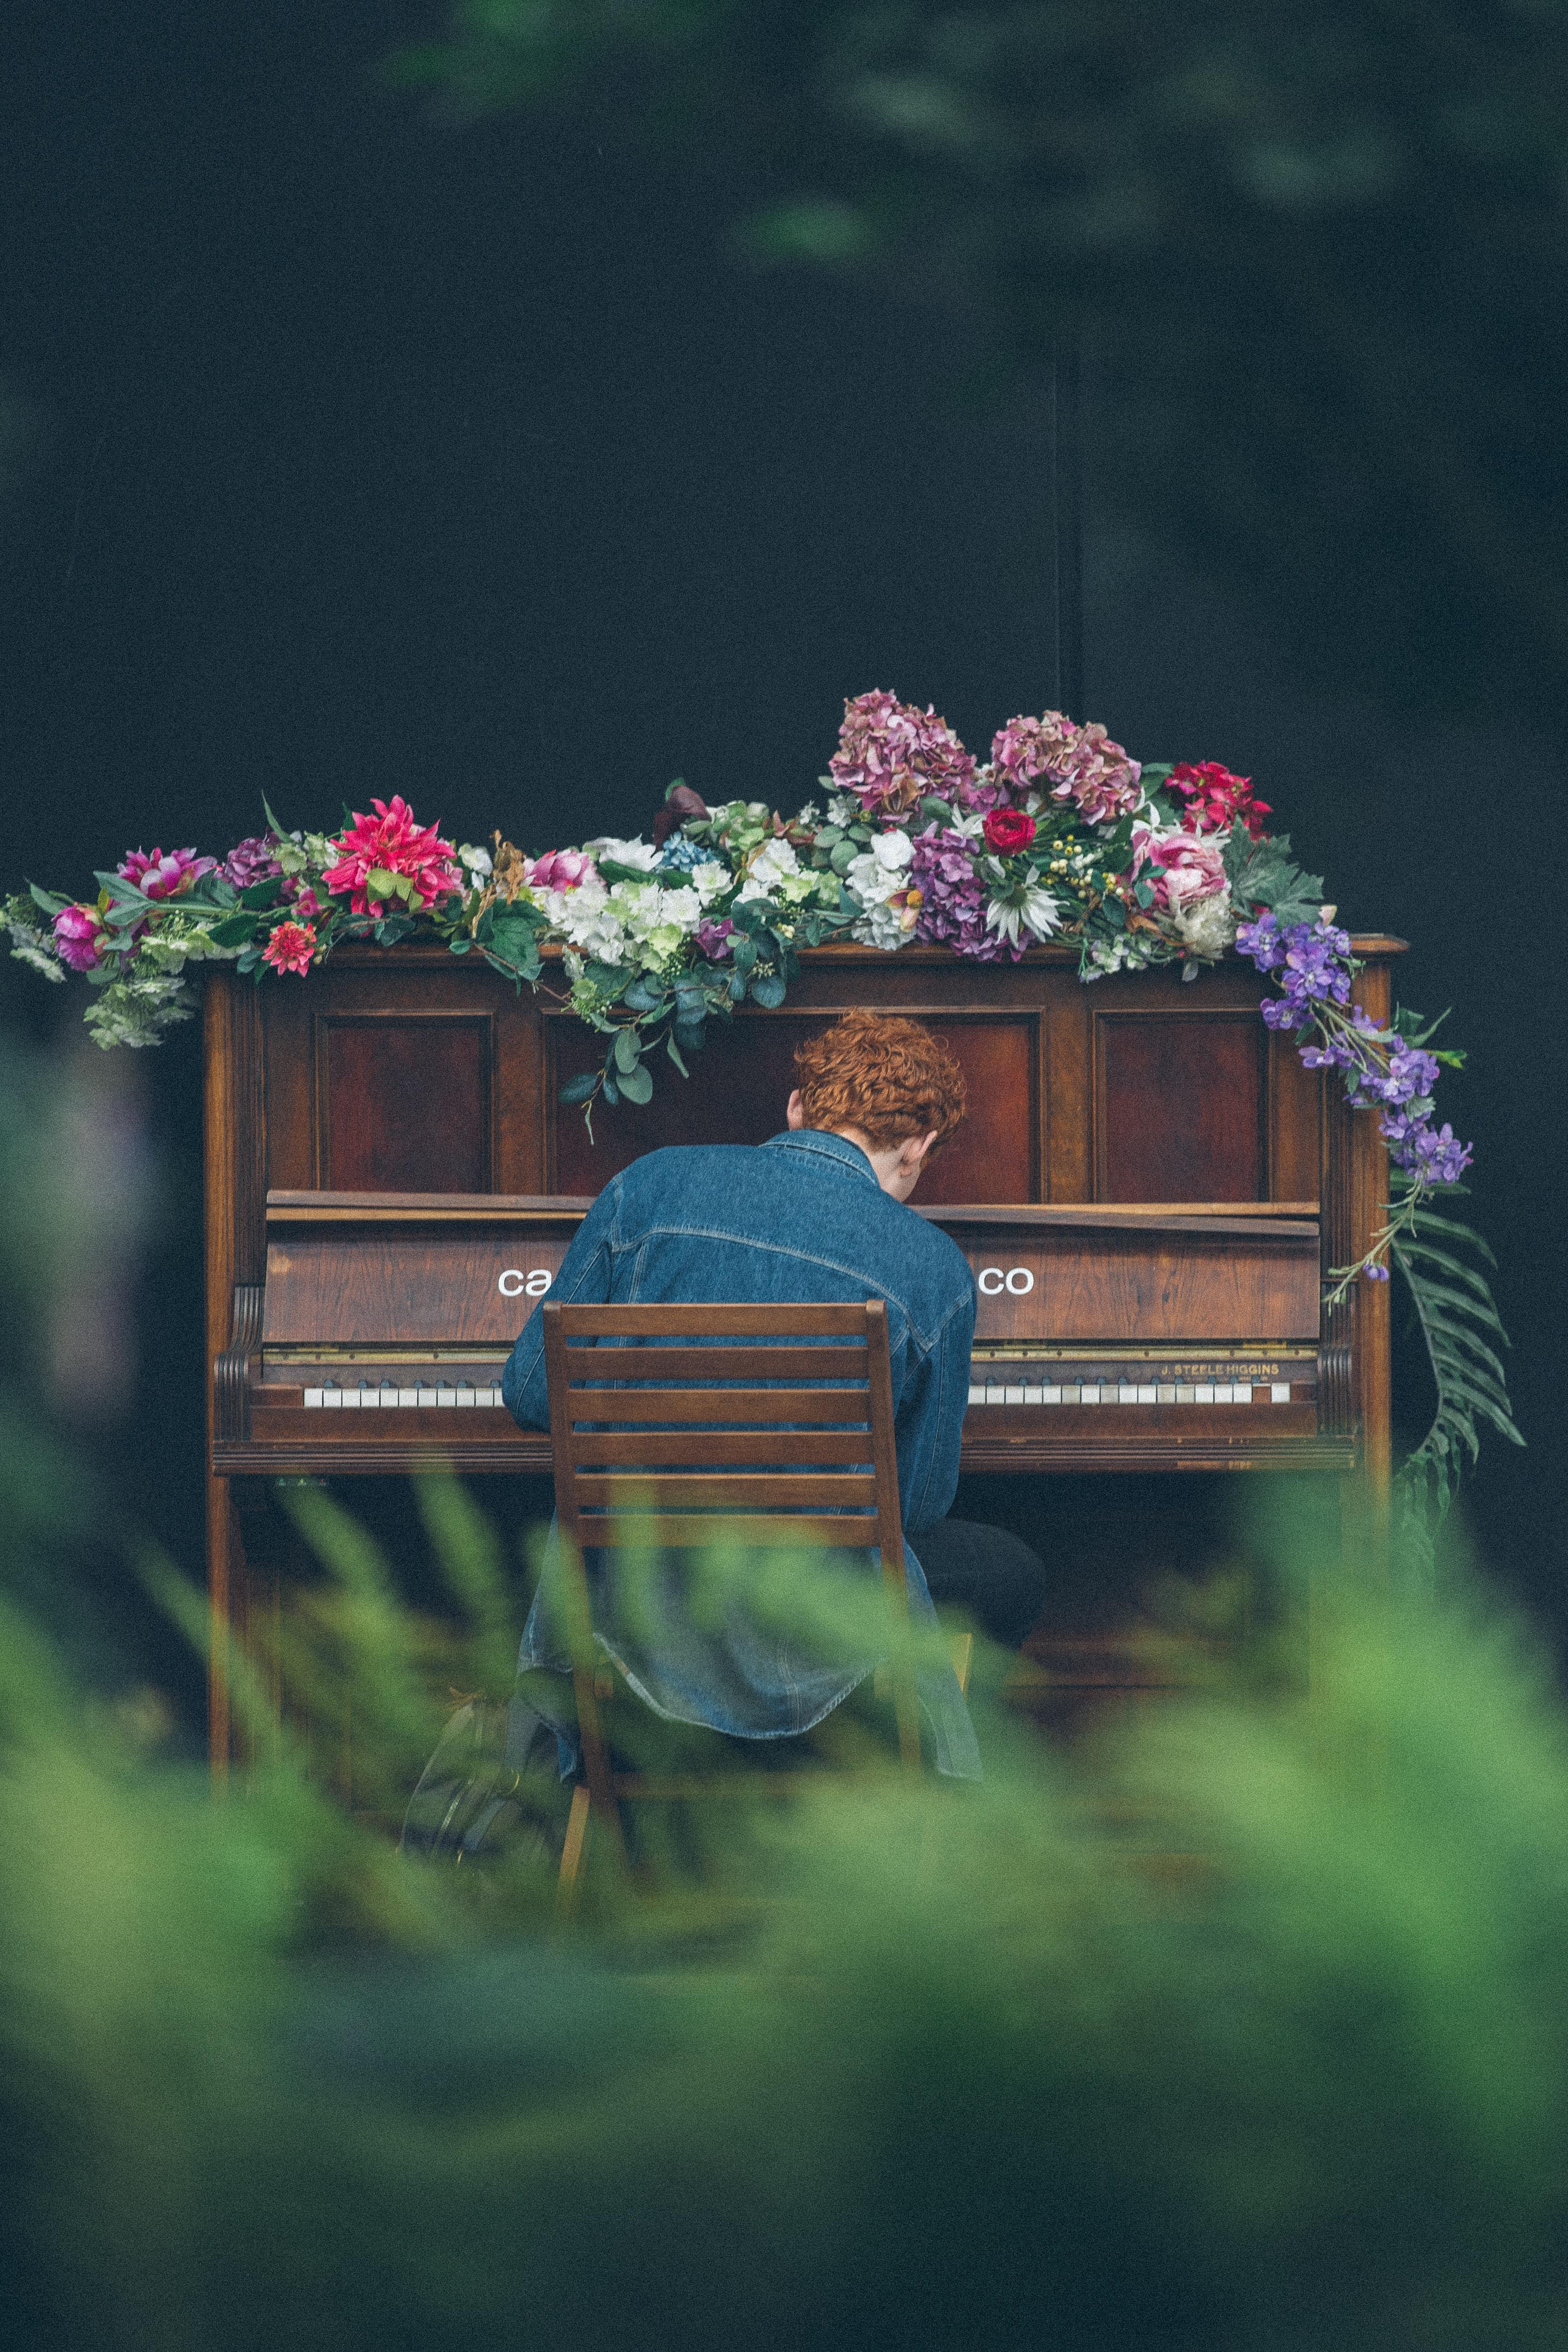 man playing upright piano